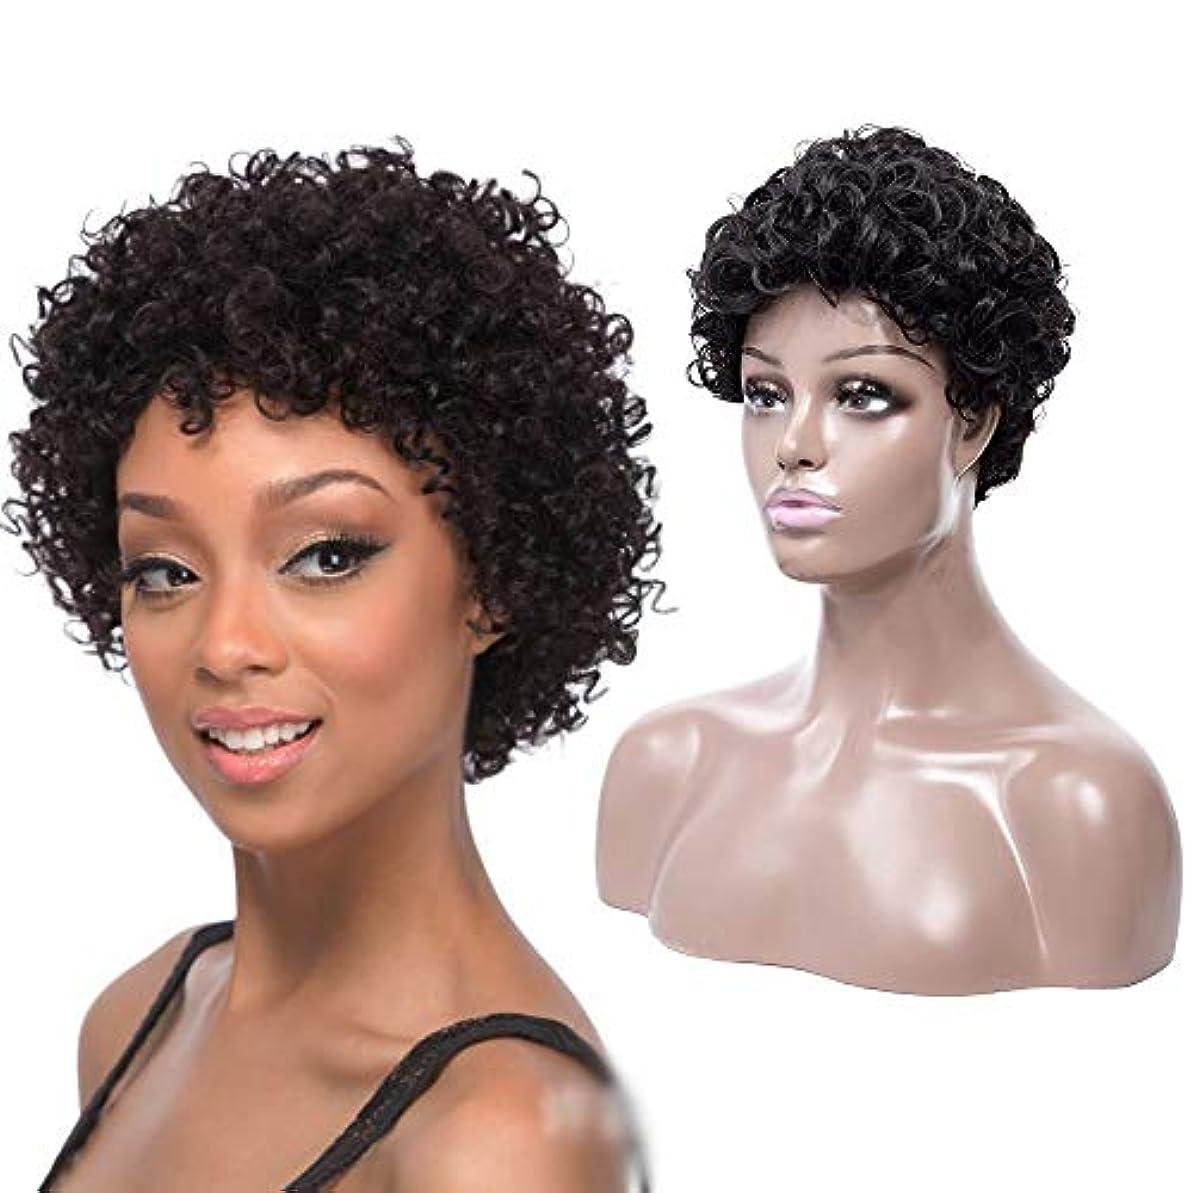 成功ジョットディボンドン修正するYOUQIU 女性1B#ナチュラルブラックウィッグアフリカ黒ショートボブウィッグナチュラルショートカーリーウィッグ (色 : 黒)